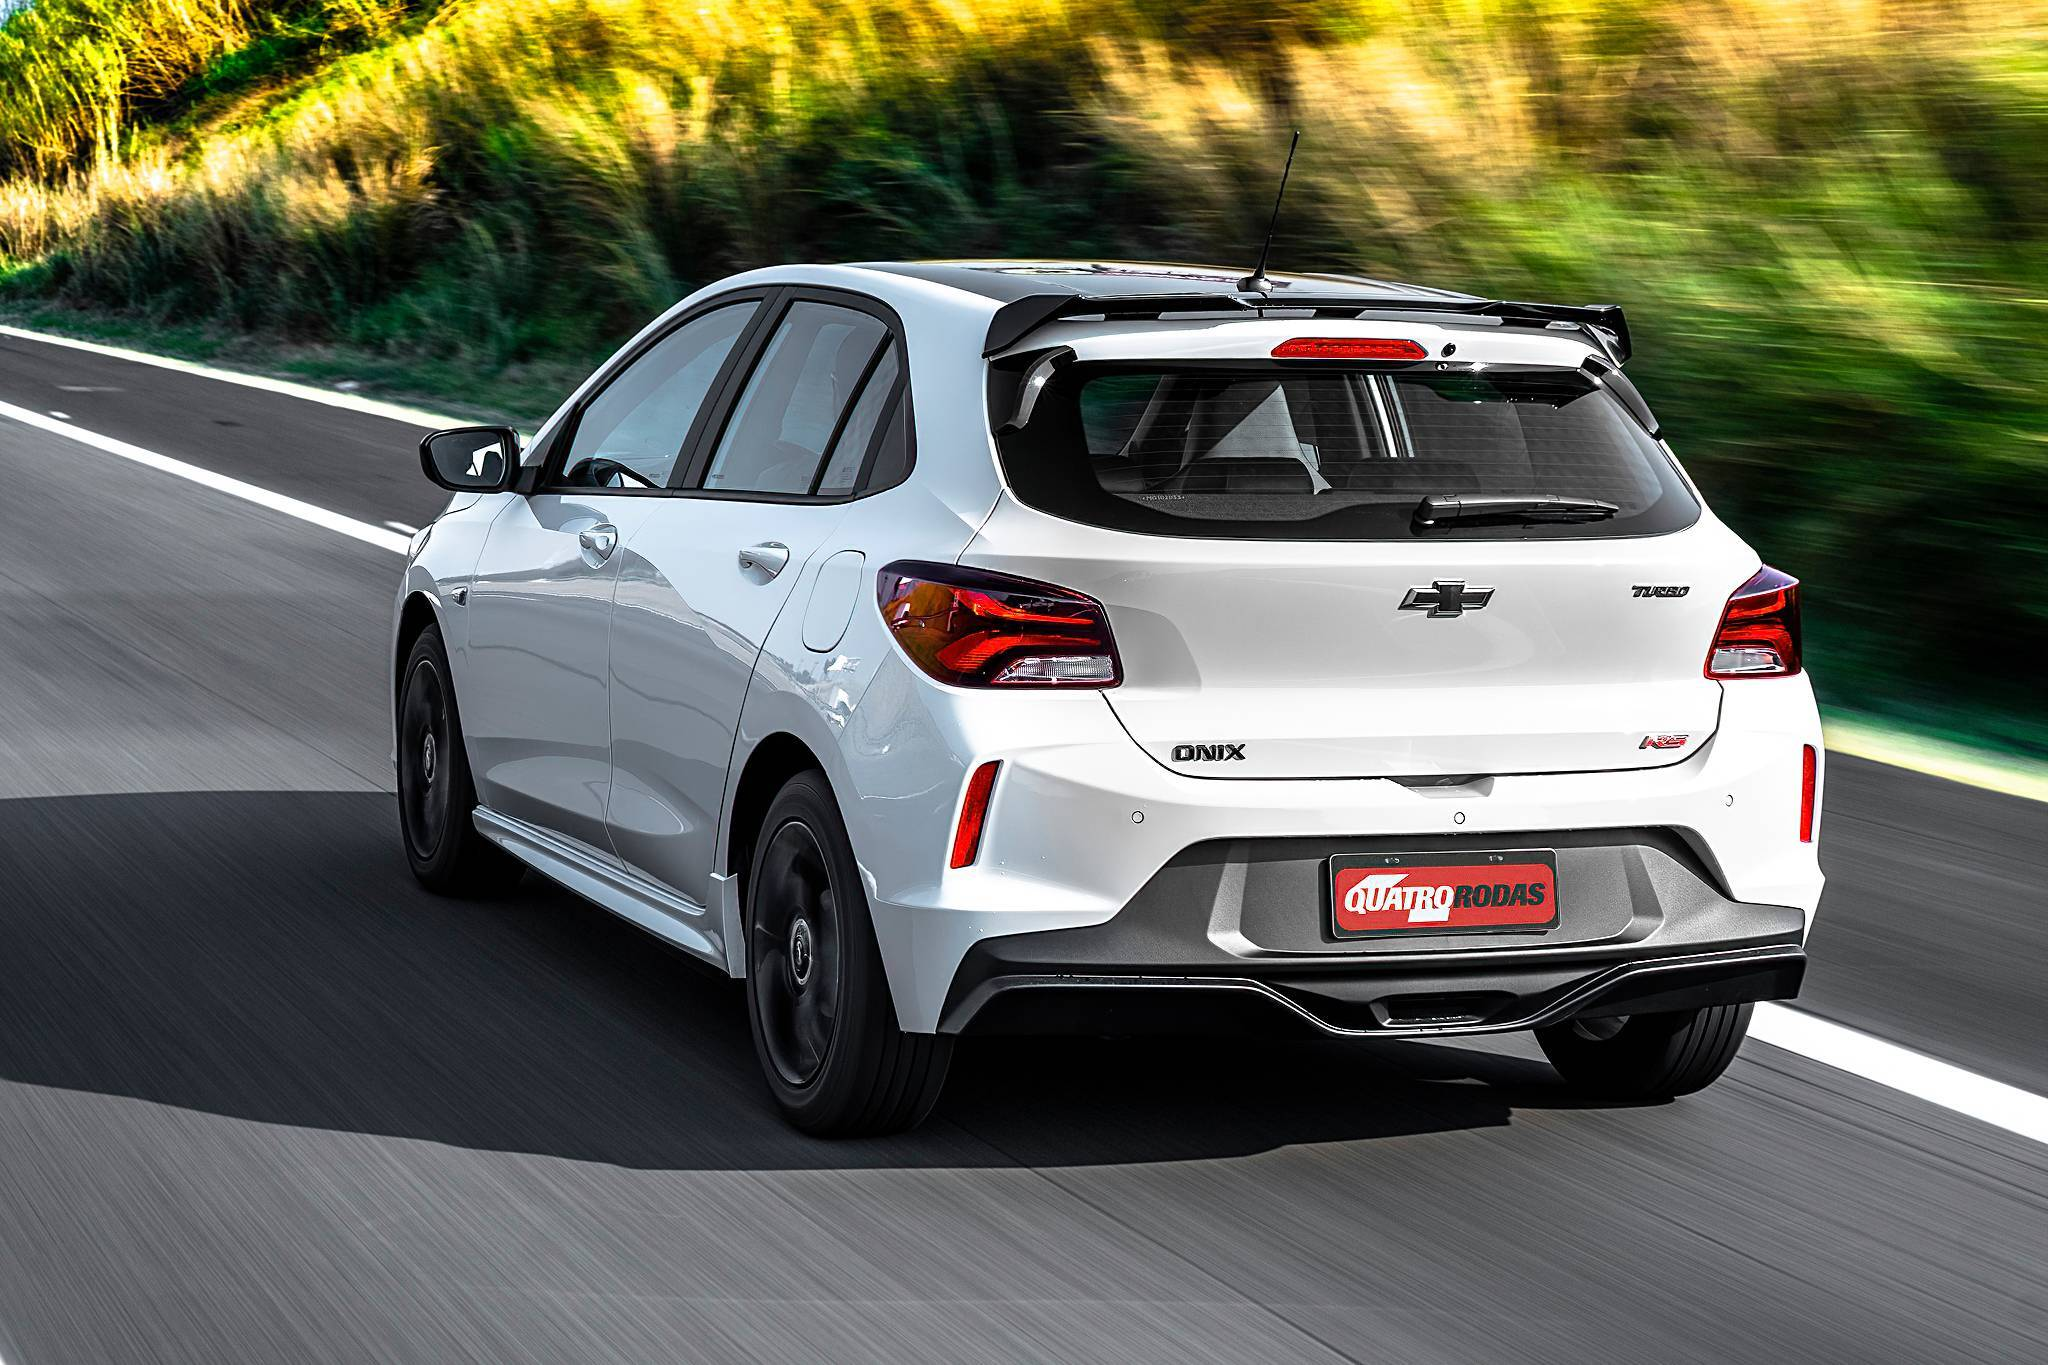 Versão esportivada RS foi uma das novidades da Chevrolet para o Onix em 2020